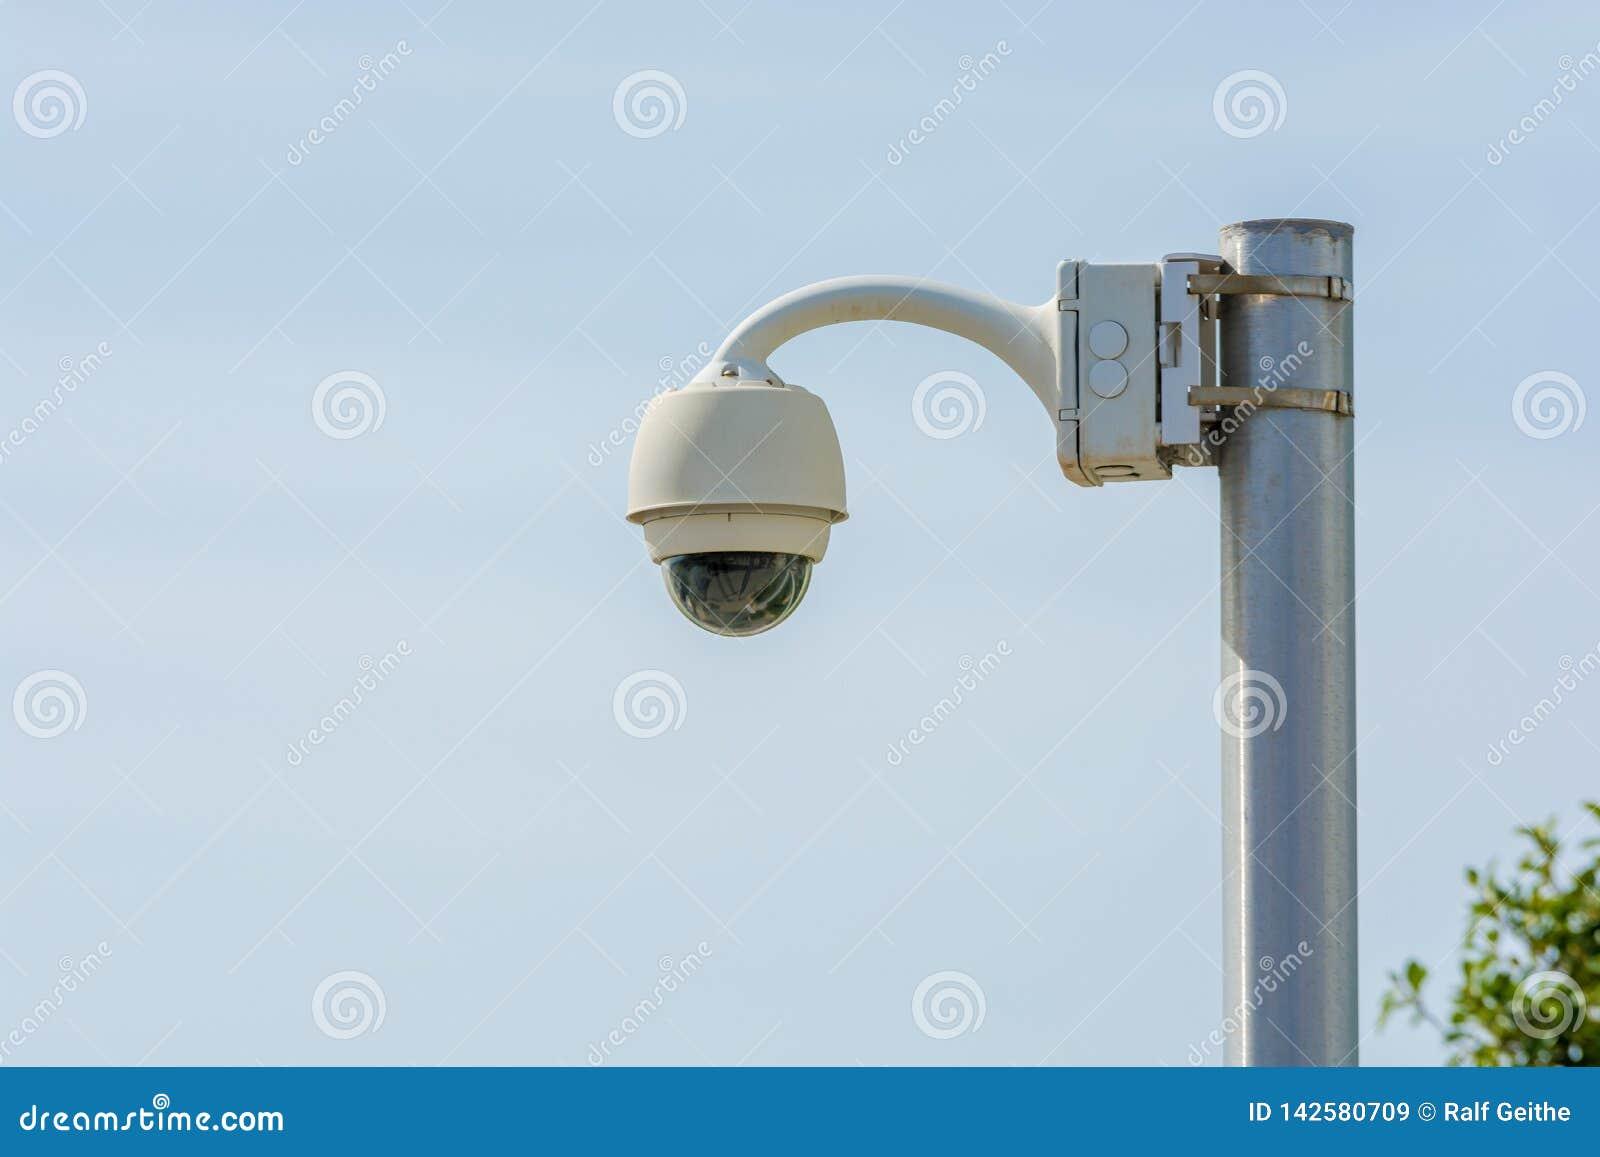 Wideo inwigilacji przestrzenie publicznie